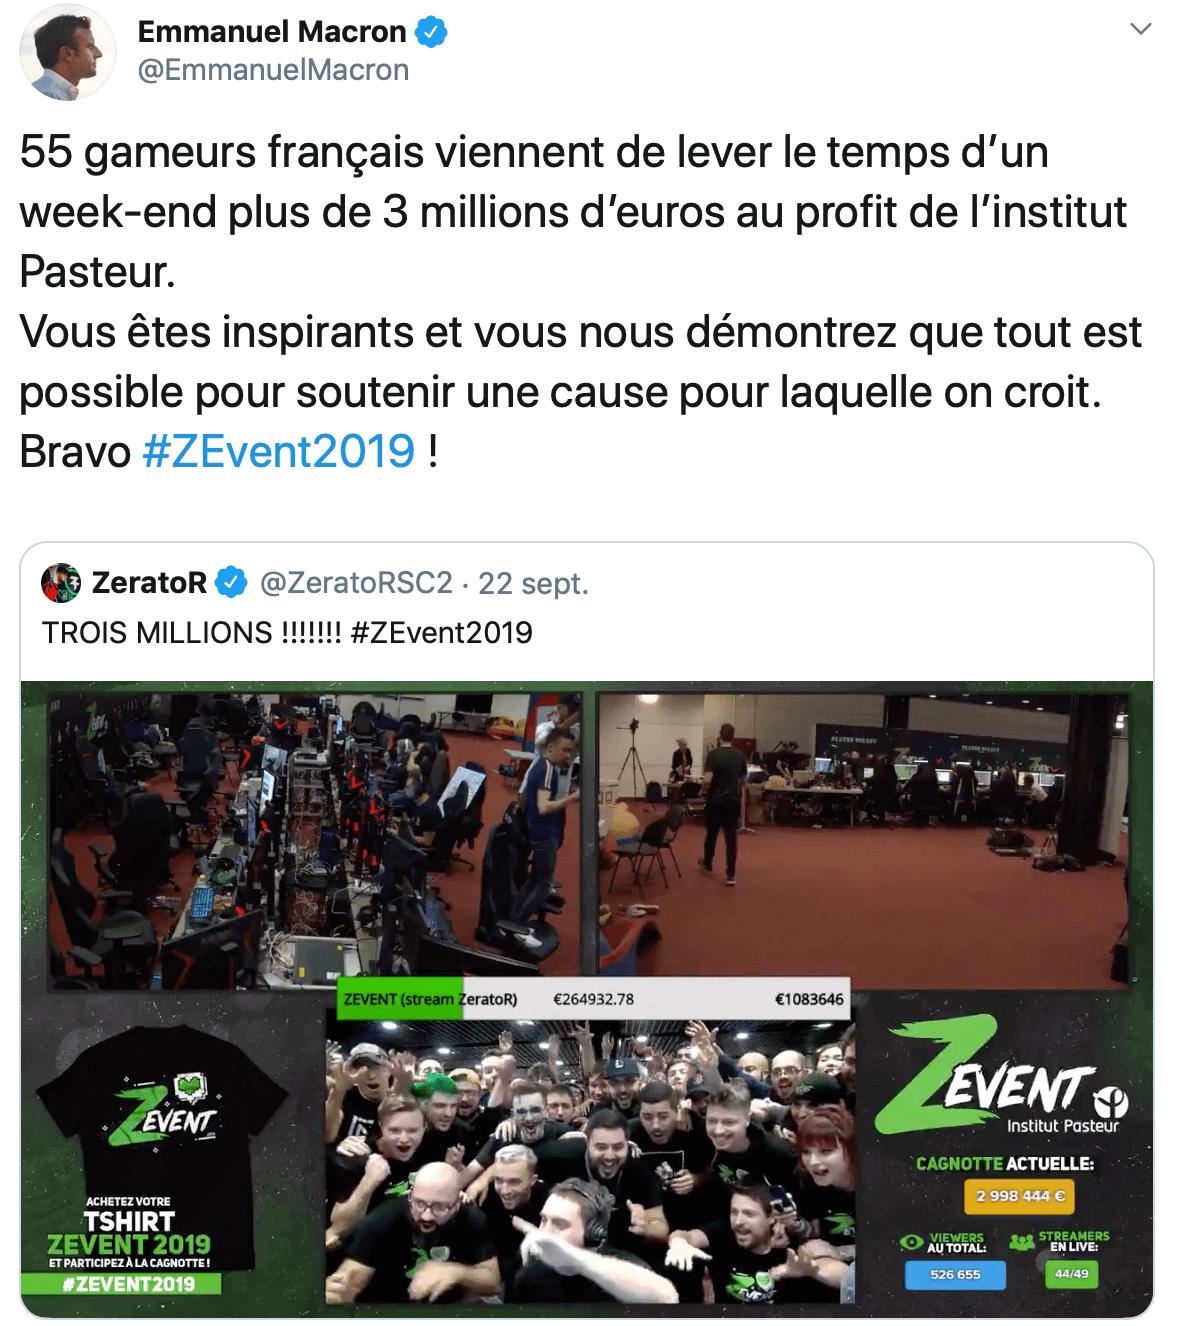 Le twit de Macron sur Pasteur